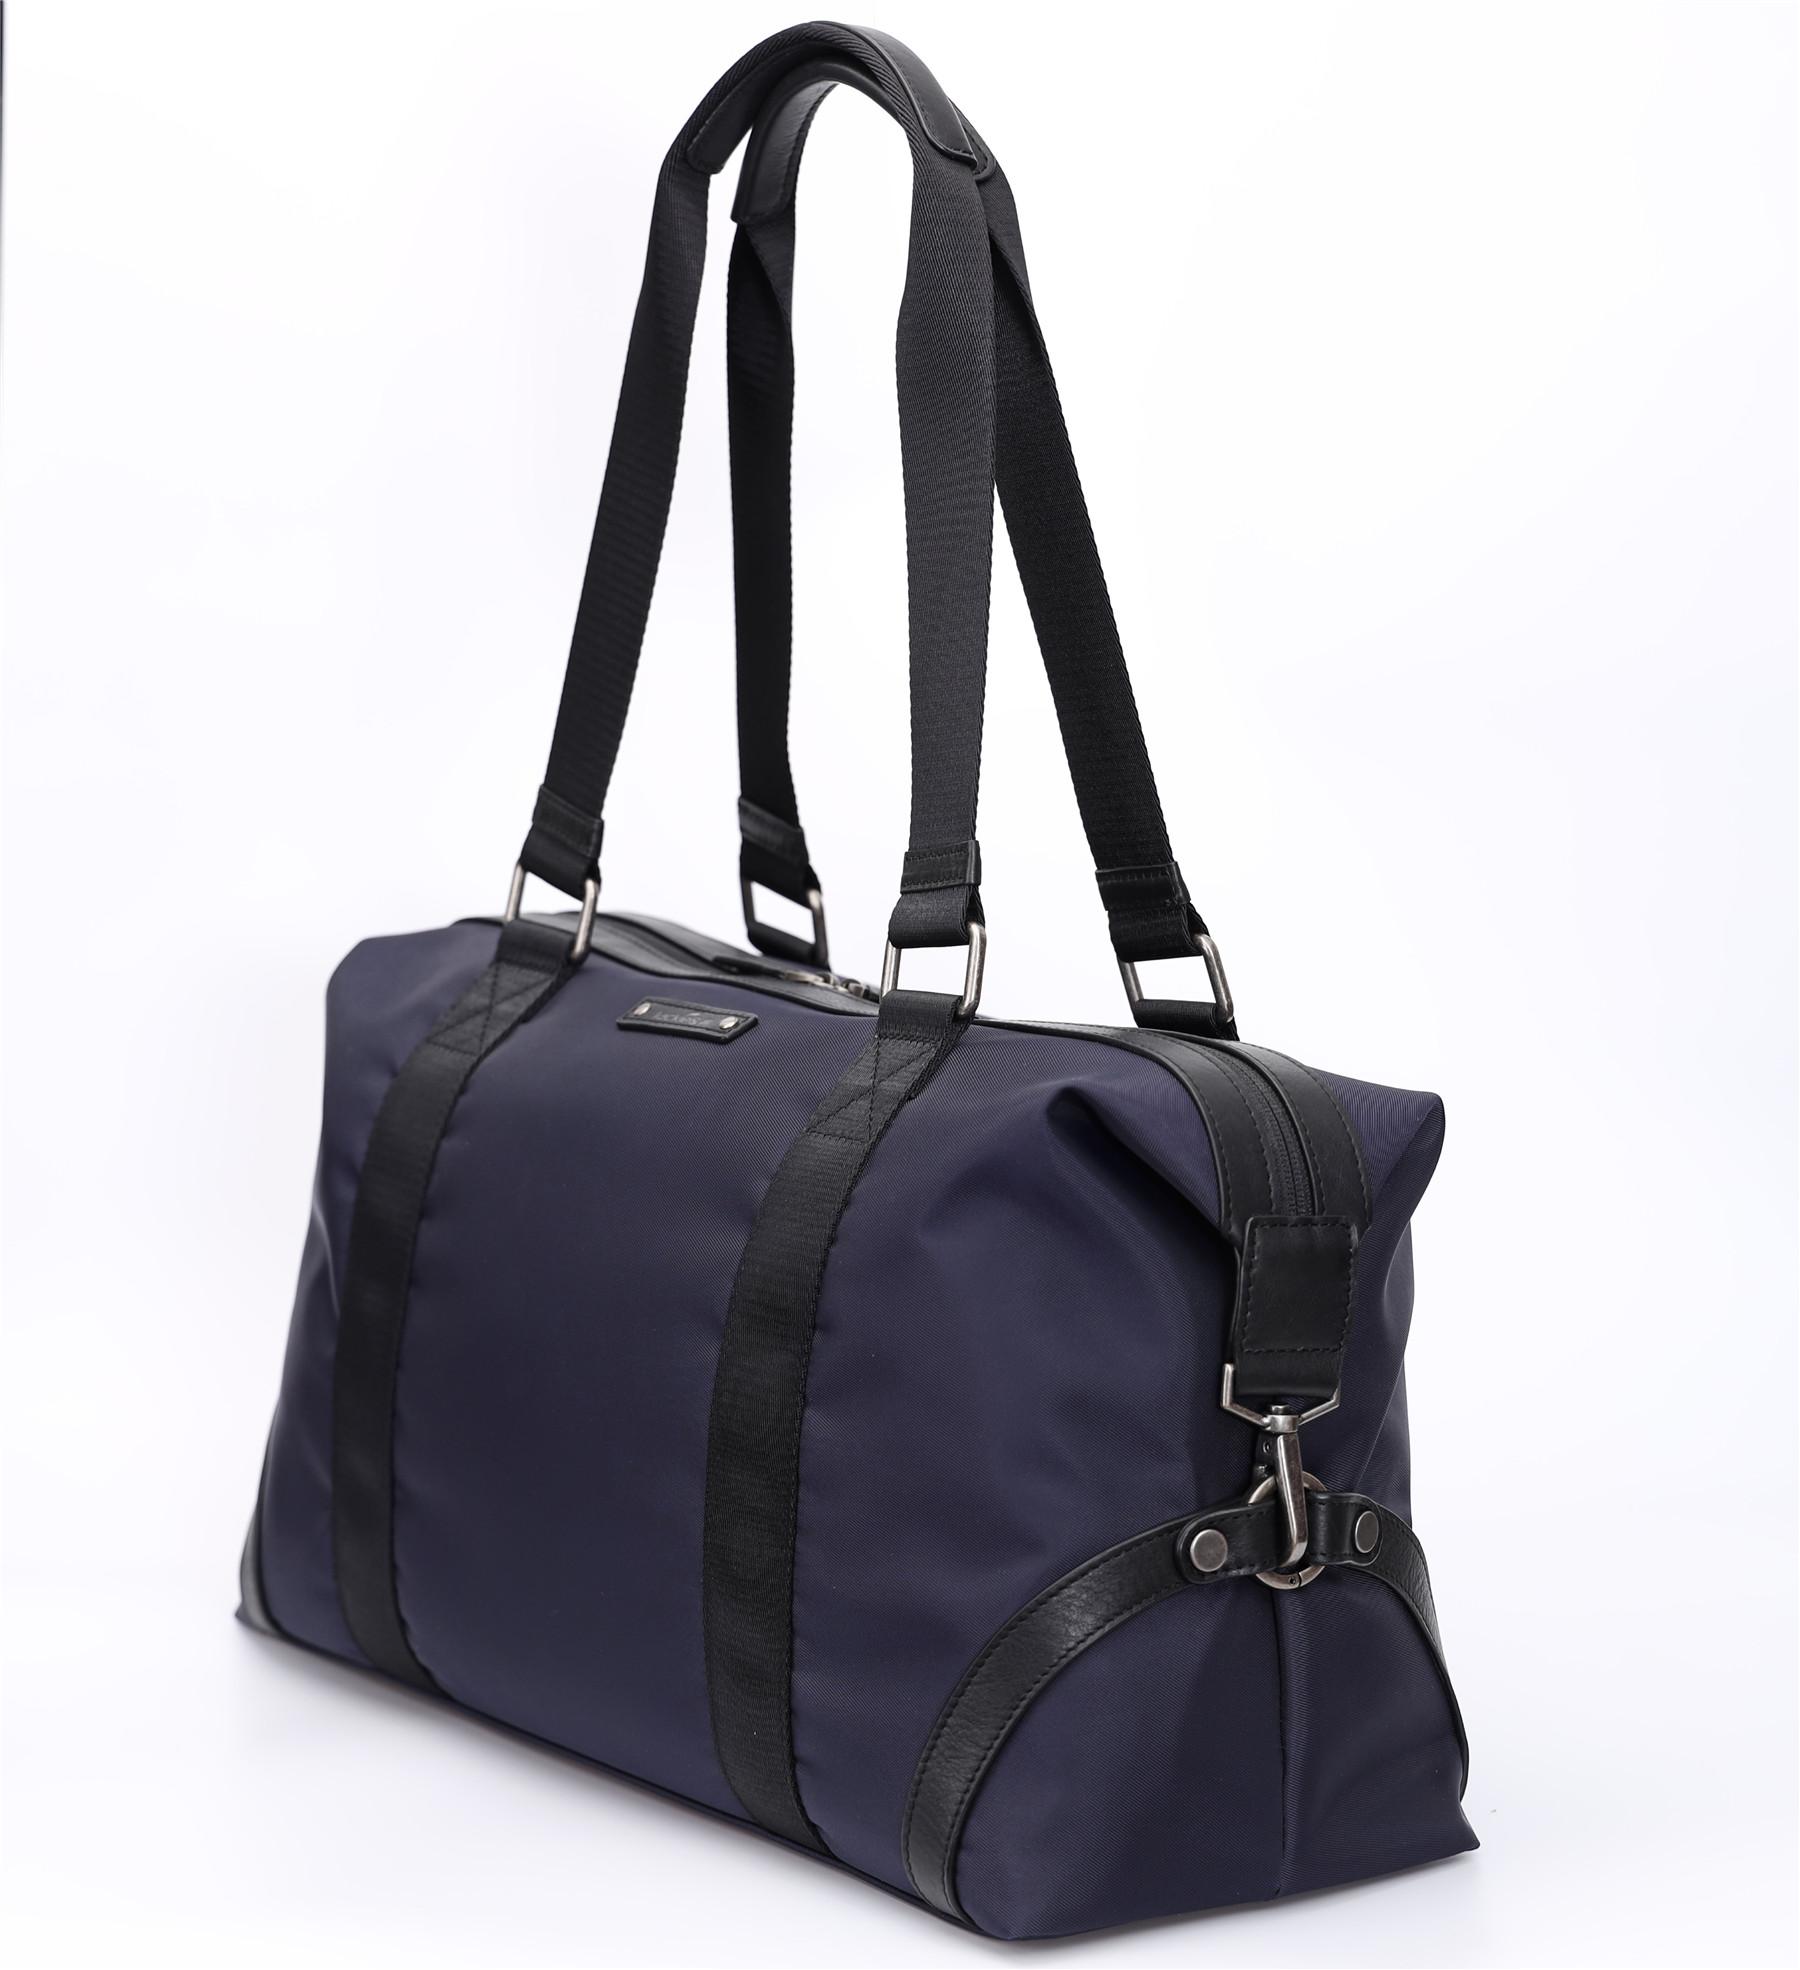 GF bags-weekend duffle bag mens | Duffle | GF bags